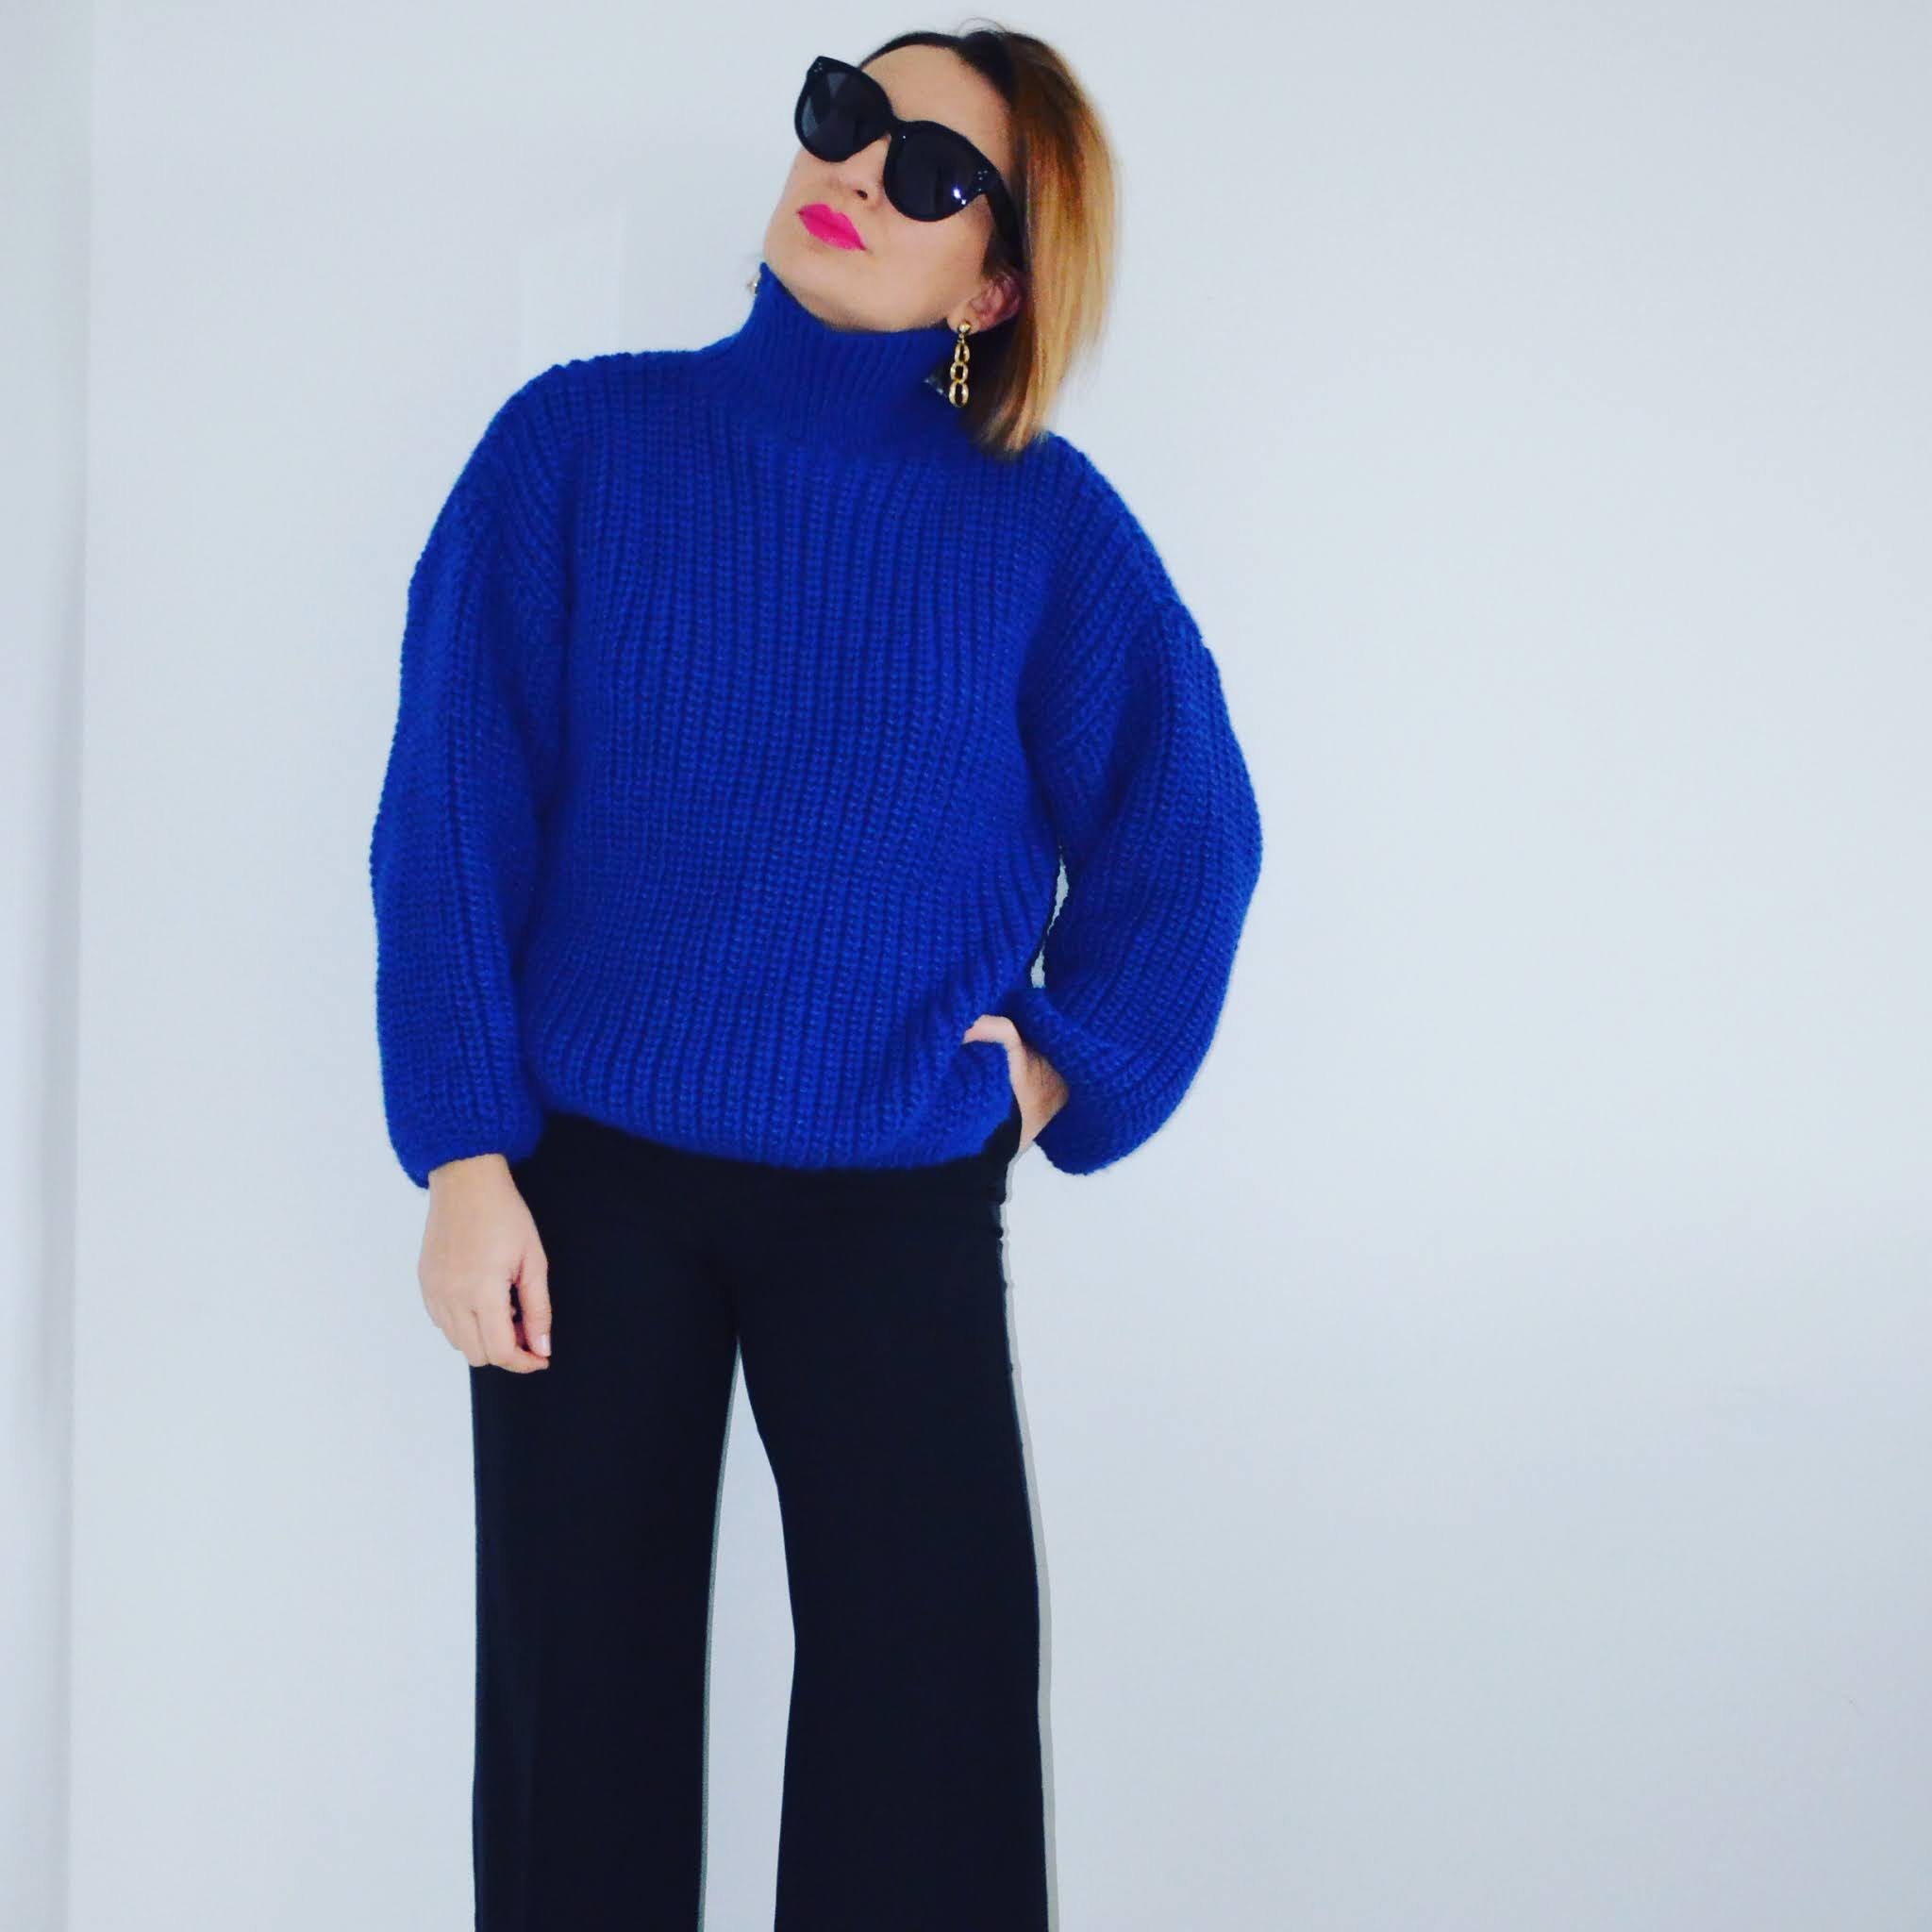 Kobaltowy Swetr Laurella;Laurella Cobalt Sweater;www.adriana-style.com;blogerka modowa 40+;blogerka 40+;styl 40+;kobieta po czterdziestce;spodnie z szeroką nogawką;kobaltowe szpilki;moda;fashion;,